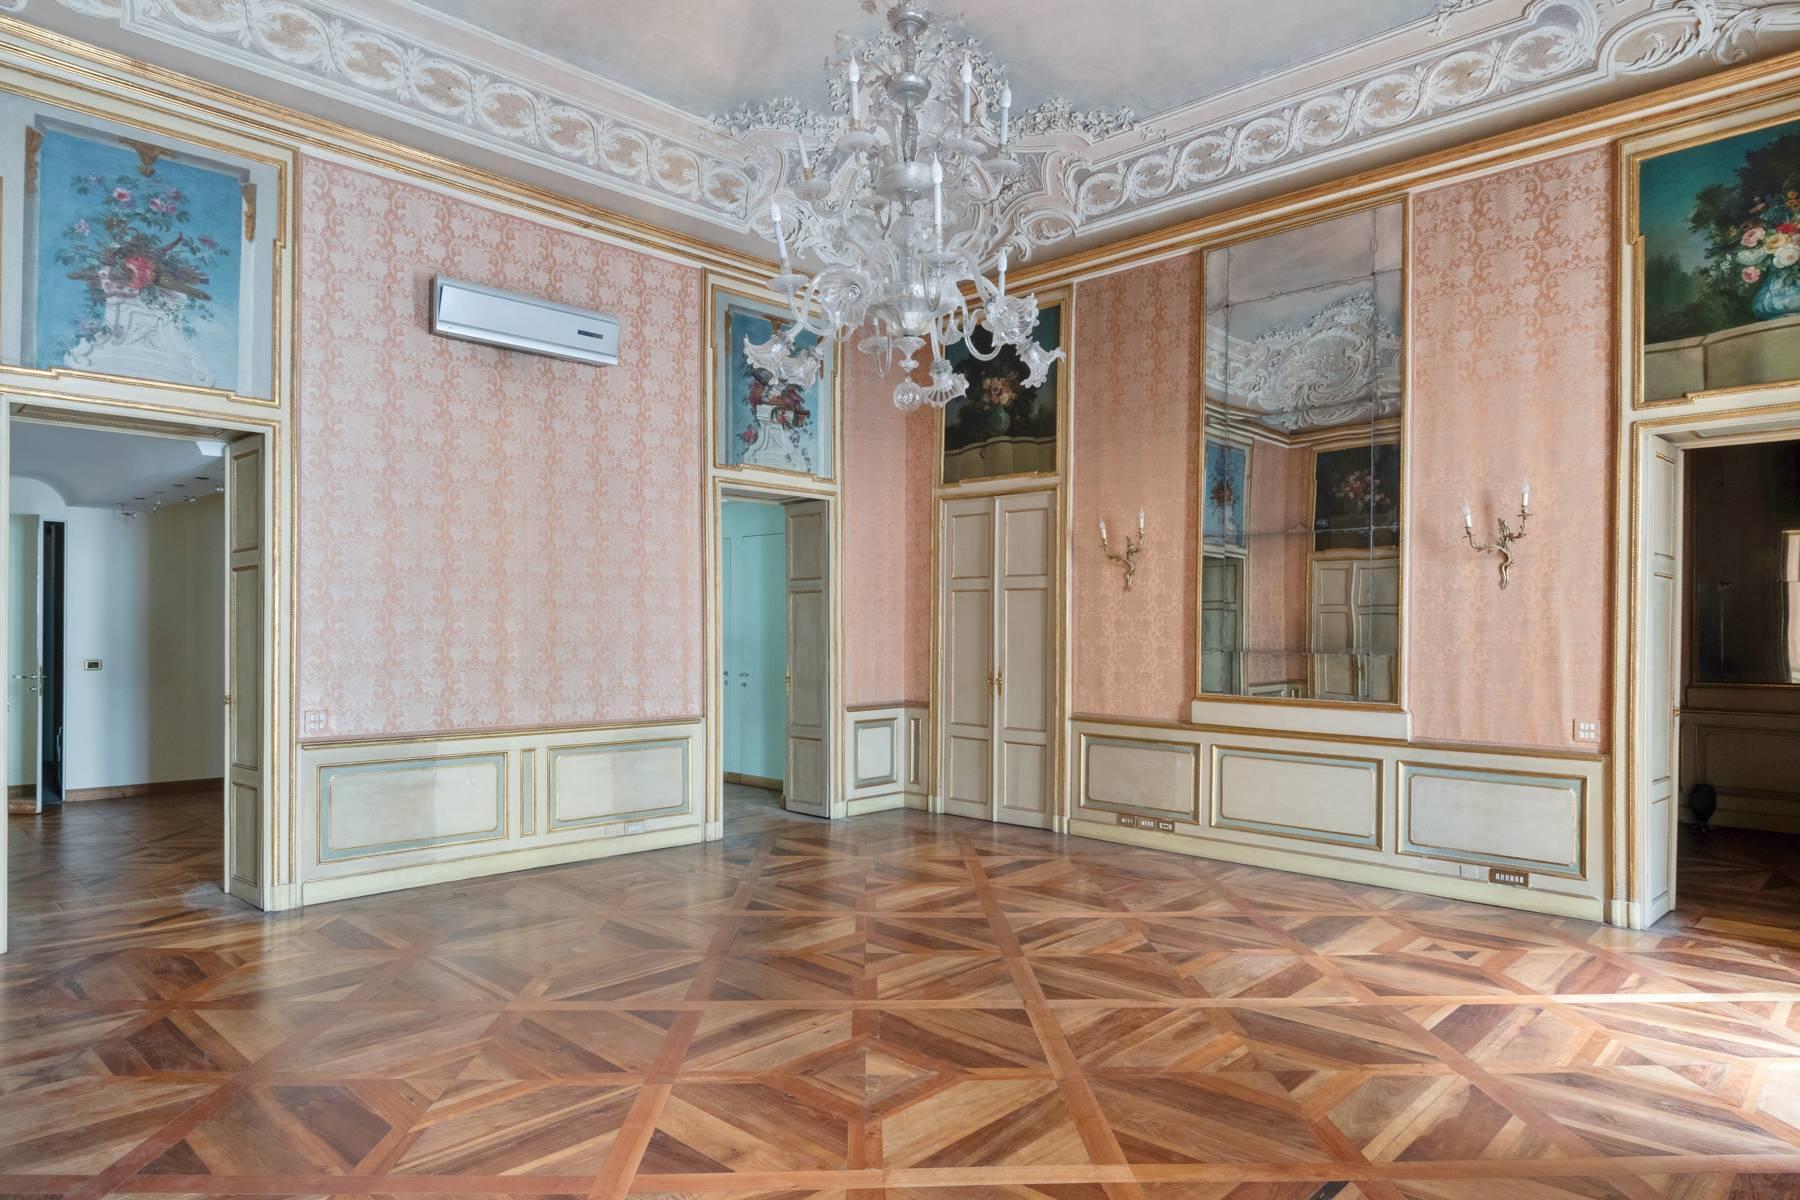 Luxus-Wohnung im historischen Palast - 13